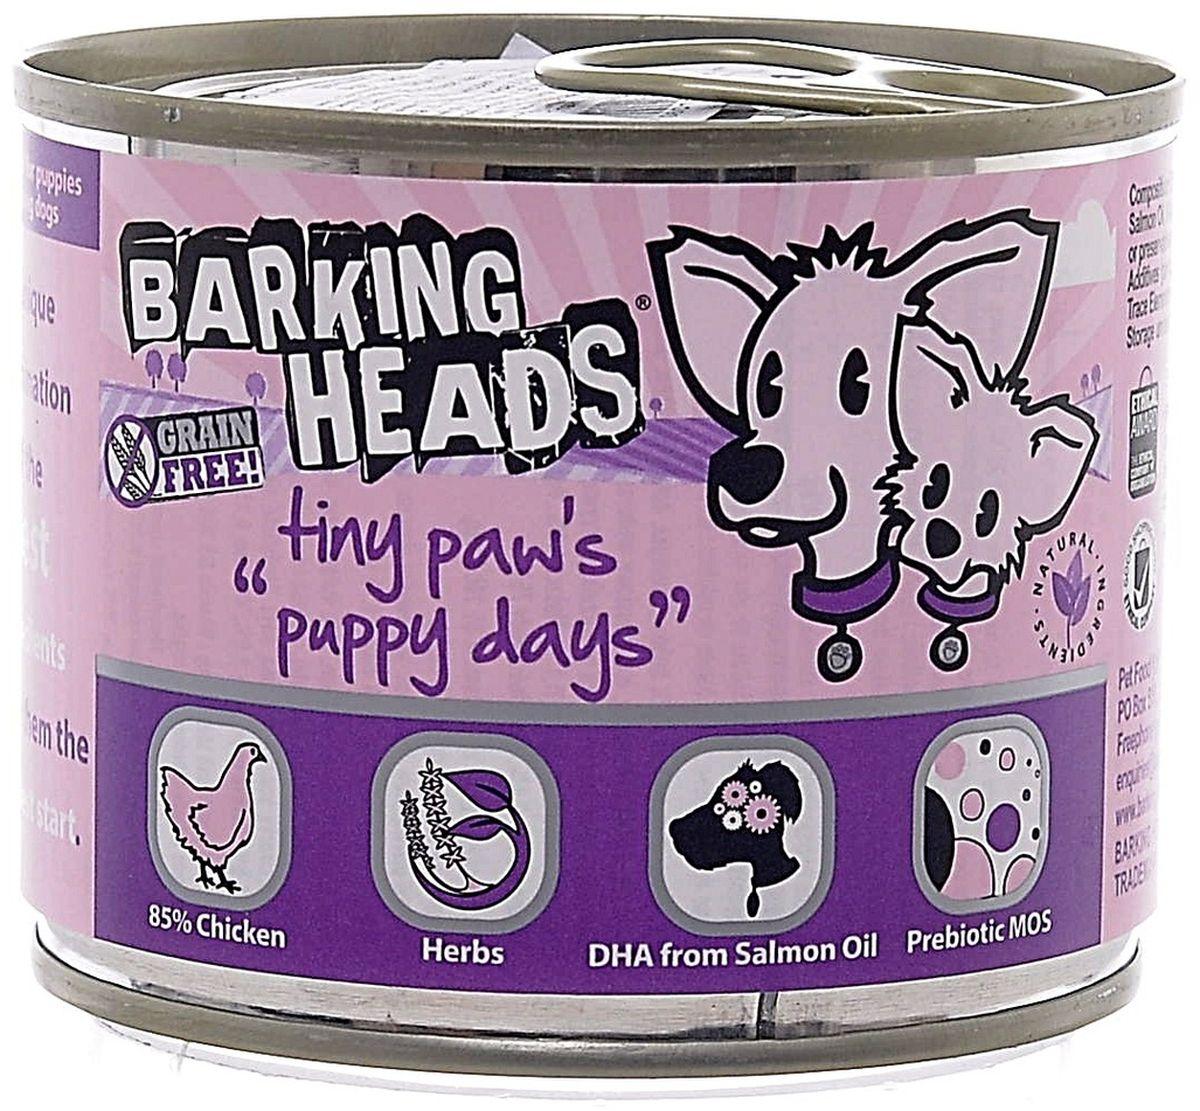 Консервы Barking Heads Щенячьи деньки для щенков мелких пород, с курицей, 200 г13826Консервы Barking Heads - это обед аристократа. Пусть питомец почувствует всю вашу любовь! Отличный вкус, нежный аромат натурального корма и заботливый хозяин рядом - что еще нужно счастливому питомцу! Консервы можно использовать в качестве полнорационного корма.Состав: 85% курицы (60% курицы, 25% куриного бульона), батат, сушеная морковь, кабачки, горох, растительное масло, лососевый жир, ламинария, люцерна, сушеная петрушка, сельдерей, корень цикория, крапива, куркума, анисовое семя.Гарантированный анализ: белок 11,1%, содержание жира 6,5%, зола 2,5%, клетчатка 0,4%, влага 75%.Витамины: витамин D3 2000 IU, витамин Е 30 МЕ.Комплекс микроэлементов: моногидрат сульфата цинка 15 мг, моногидрат сульфата марганца 3 мг, безводный йодат кальция 0,75 мг.Товар сертифицирован.